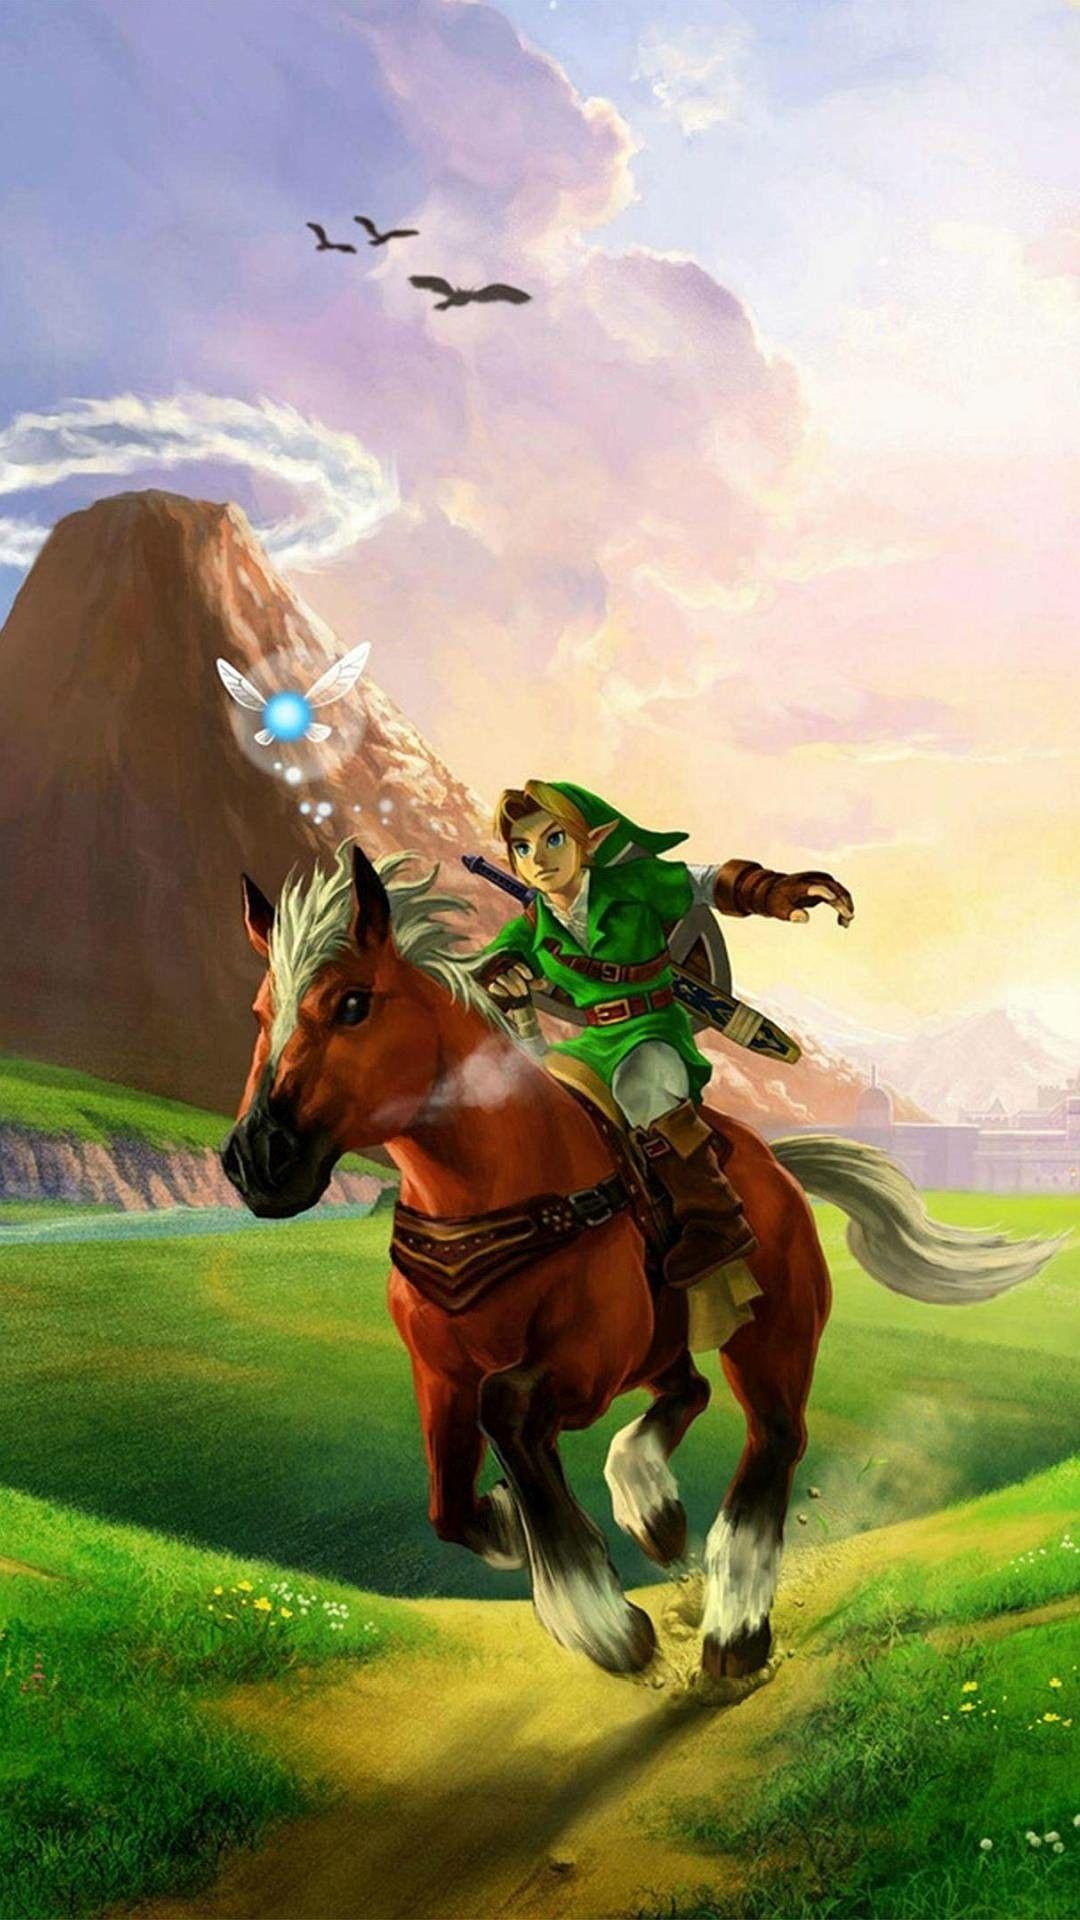 Imagen Sobre Zelda Fondo De Pantalla De Prajedes Ceballos Iii En